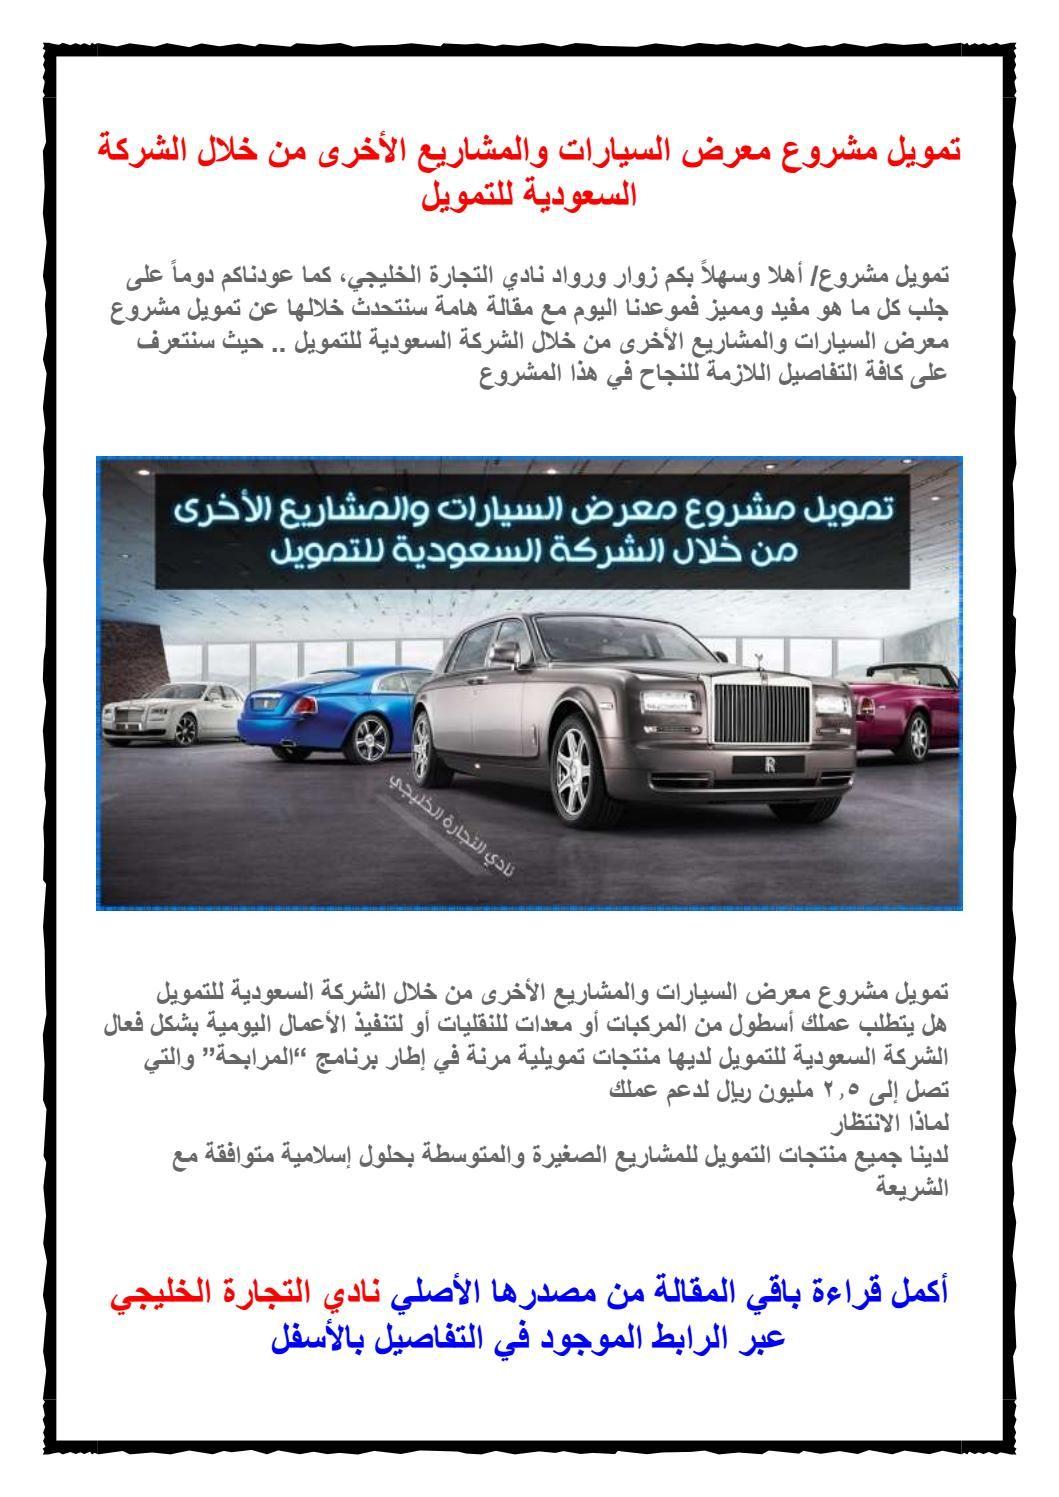 تمويل مشروع معرض السيارات والمشاريع الأخرى من خلال الشركة السعودية للتمويل Microsoft Word Document Words Microsoft Word